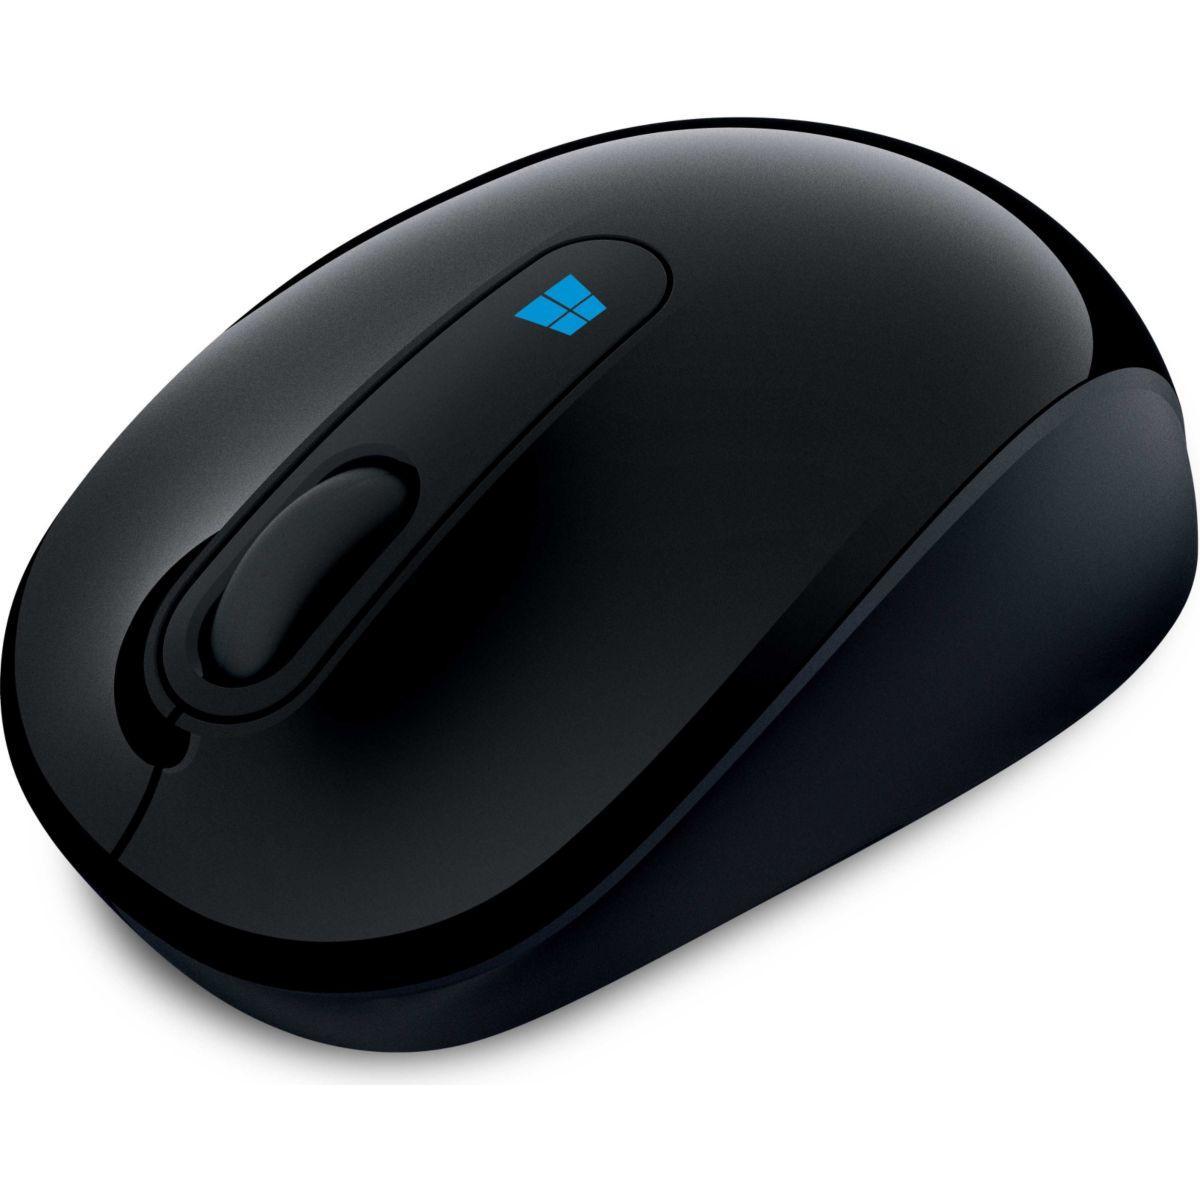 Souris sans fil microsoft sculpt mobile mouse - 3% de remise immédiate avec le code : multi3